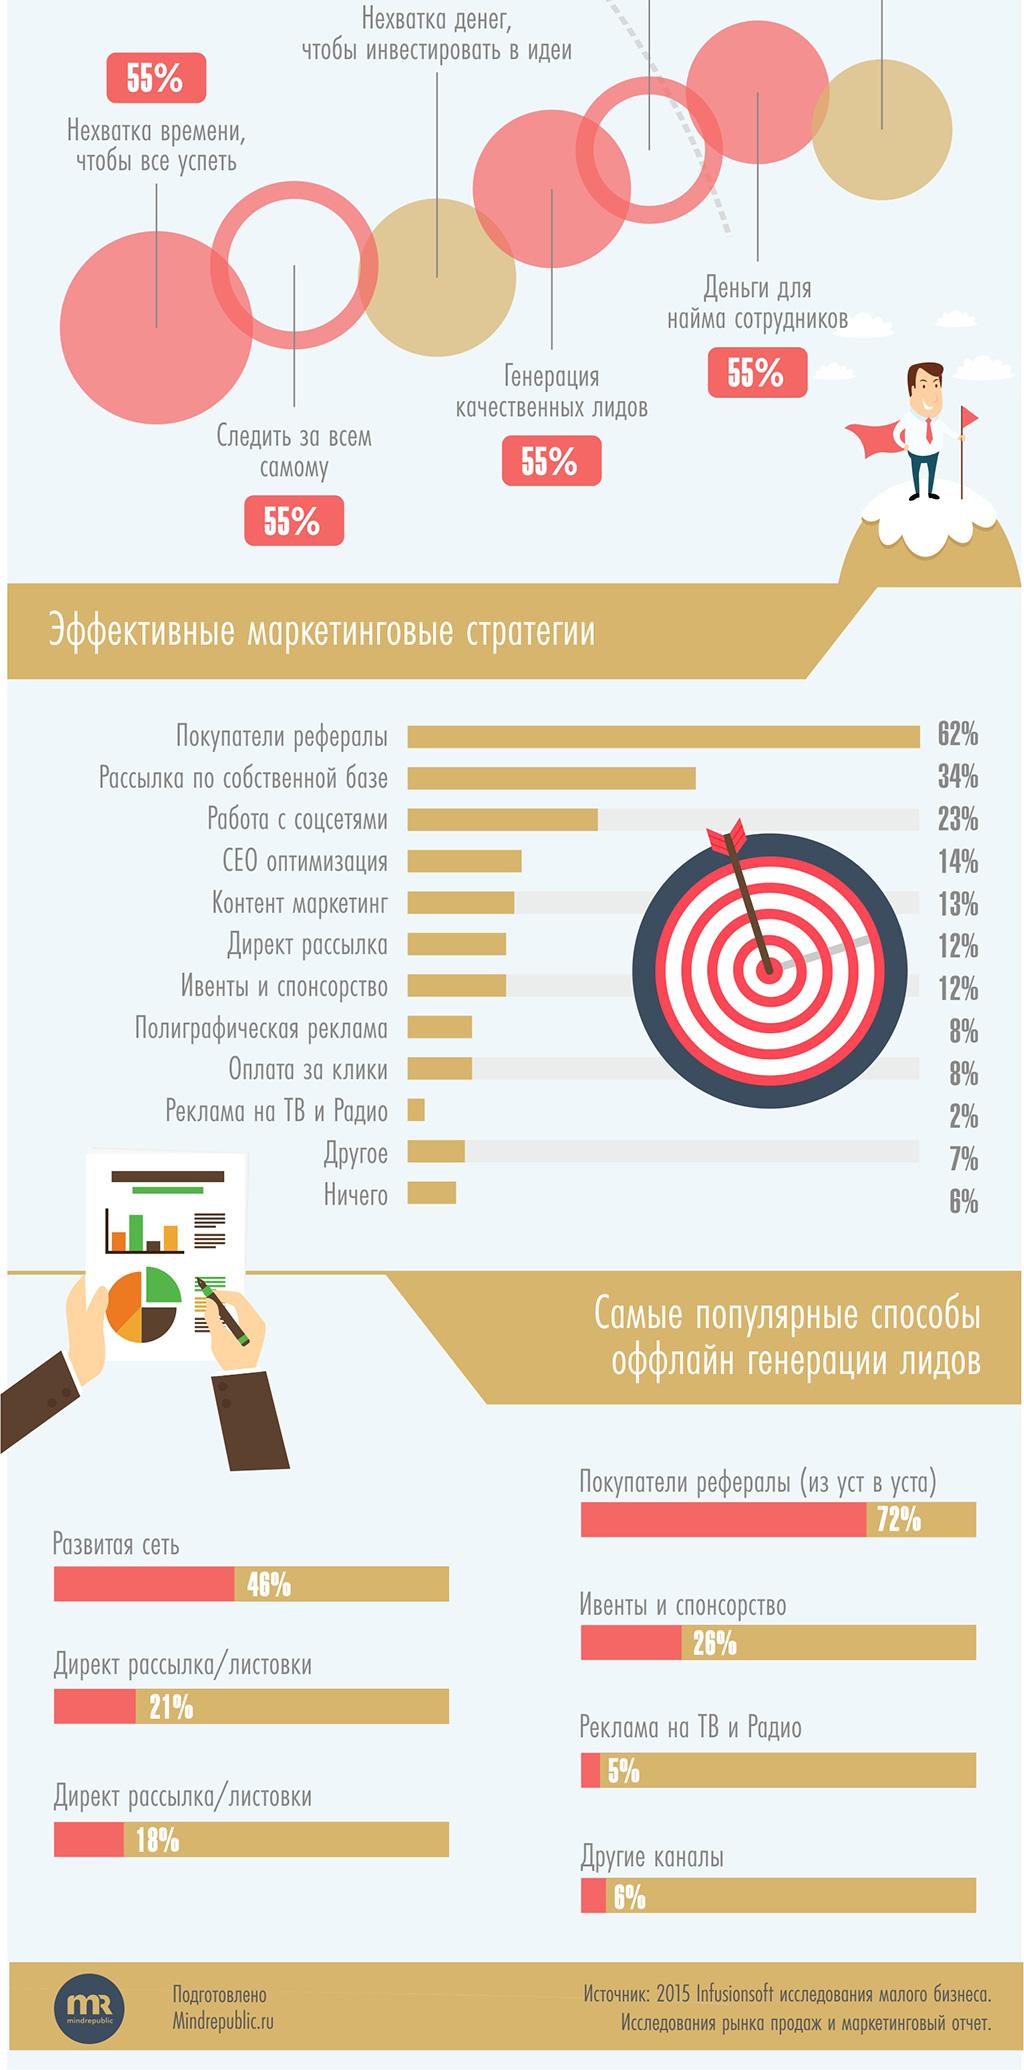 инфографика про маркетинг для малого бизнеса картинка